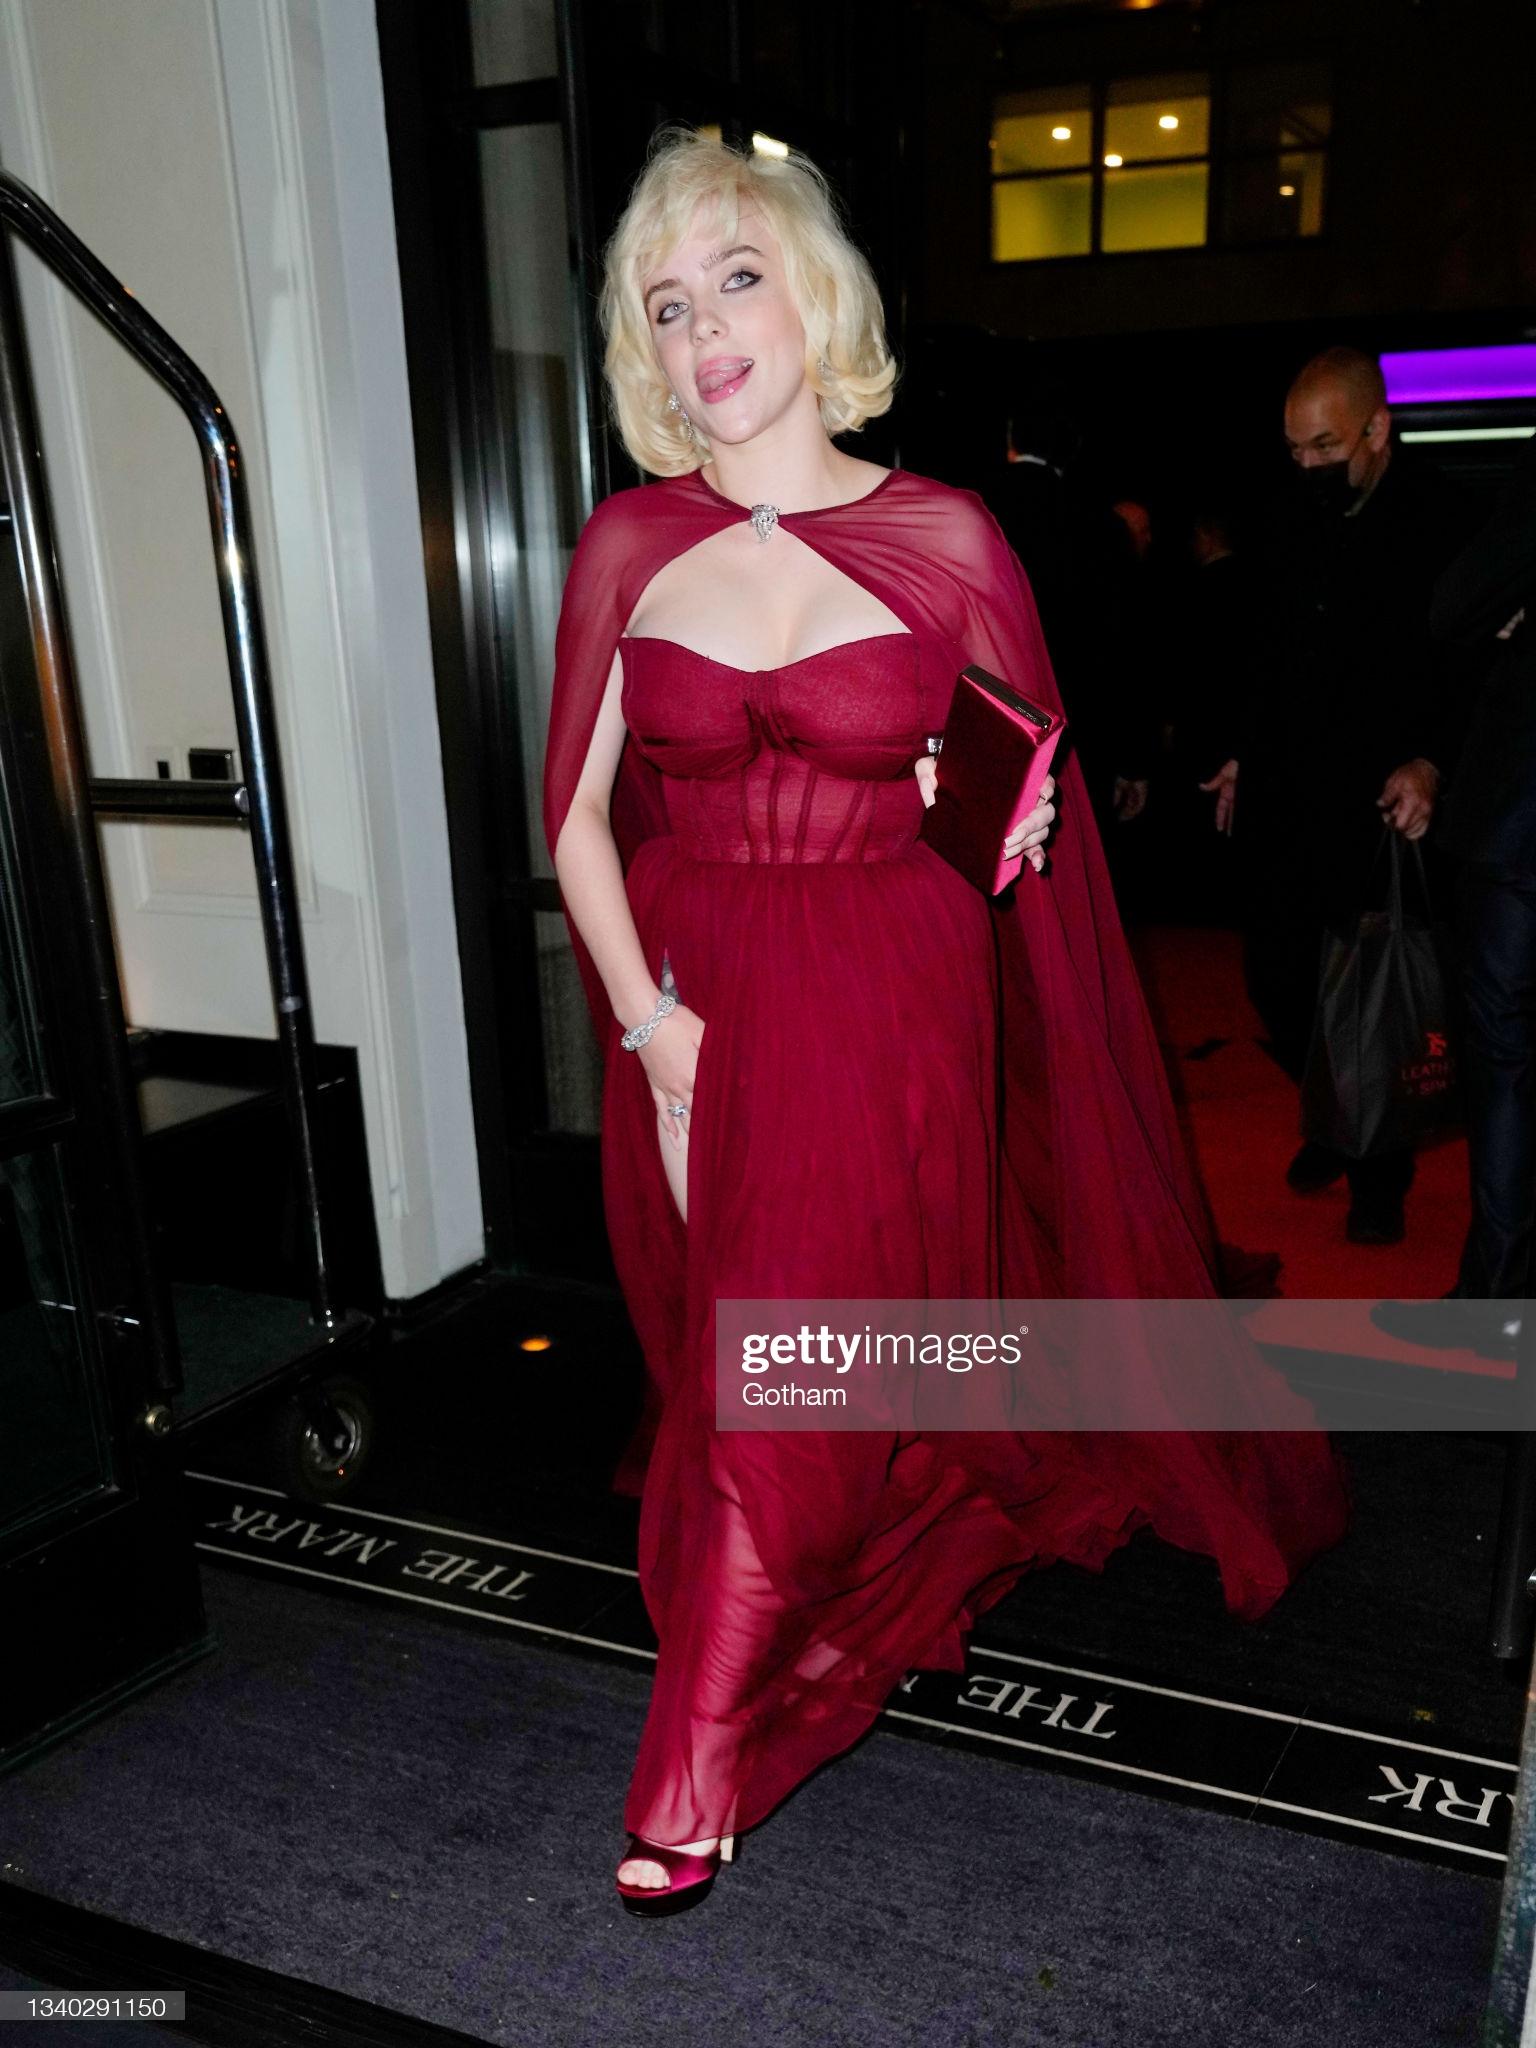 Billie Eilish gây sốt với màn lột xác ở tiệc hậu Met Gala: Váy đỏ rực tôn vòng 1 chực trào, mất máu hơn vì chi tiết ở đùi - Ảnh 3.